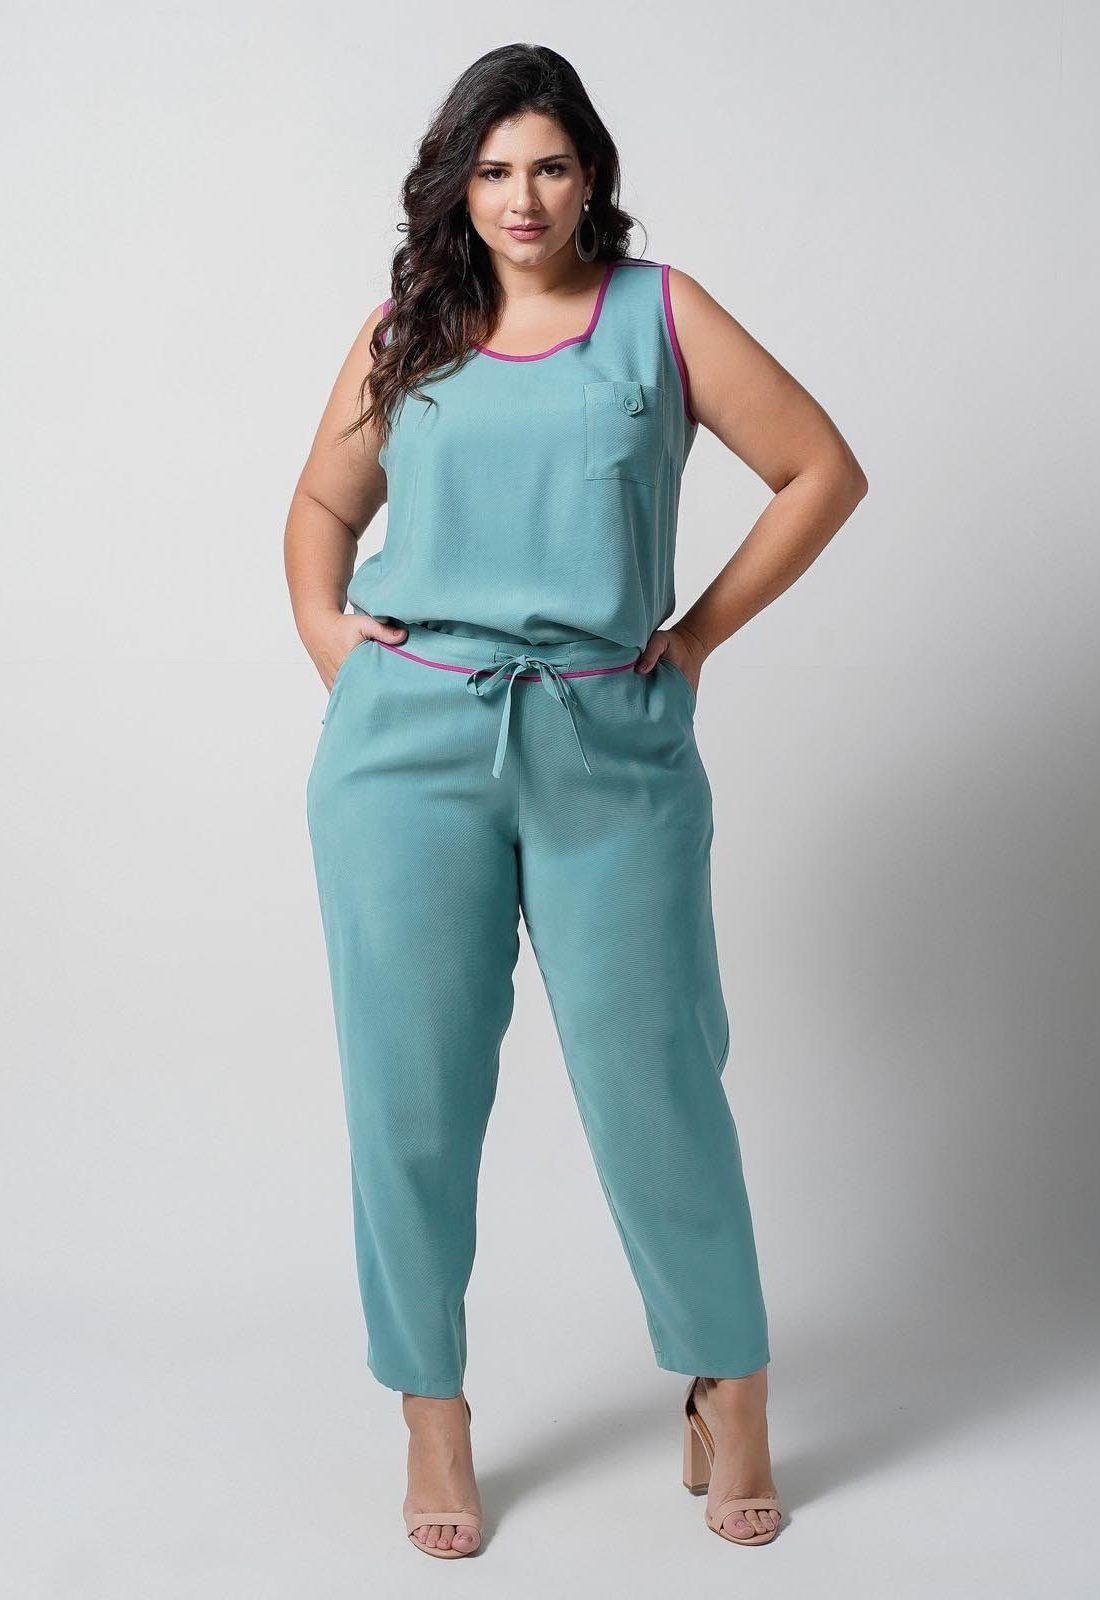 Conjunto  plus size  verde blusa e calça elástico nas costas  Ref. U66721